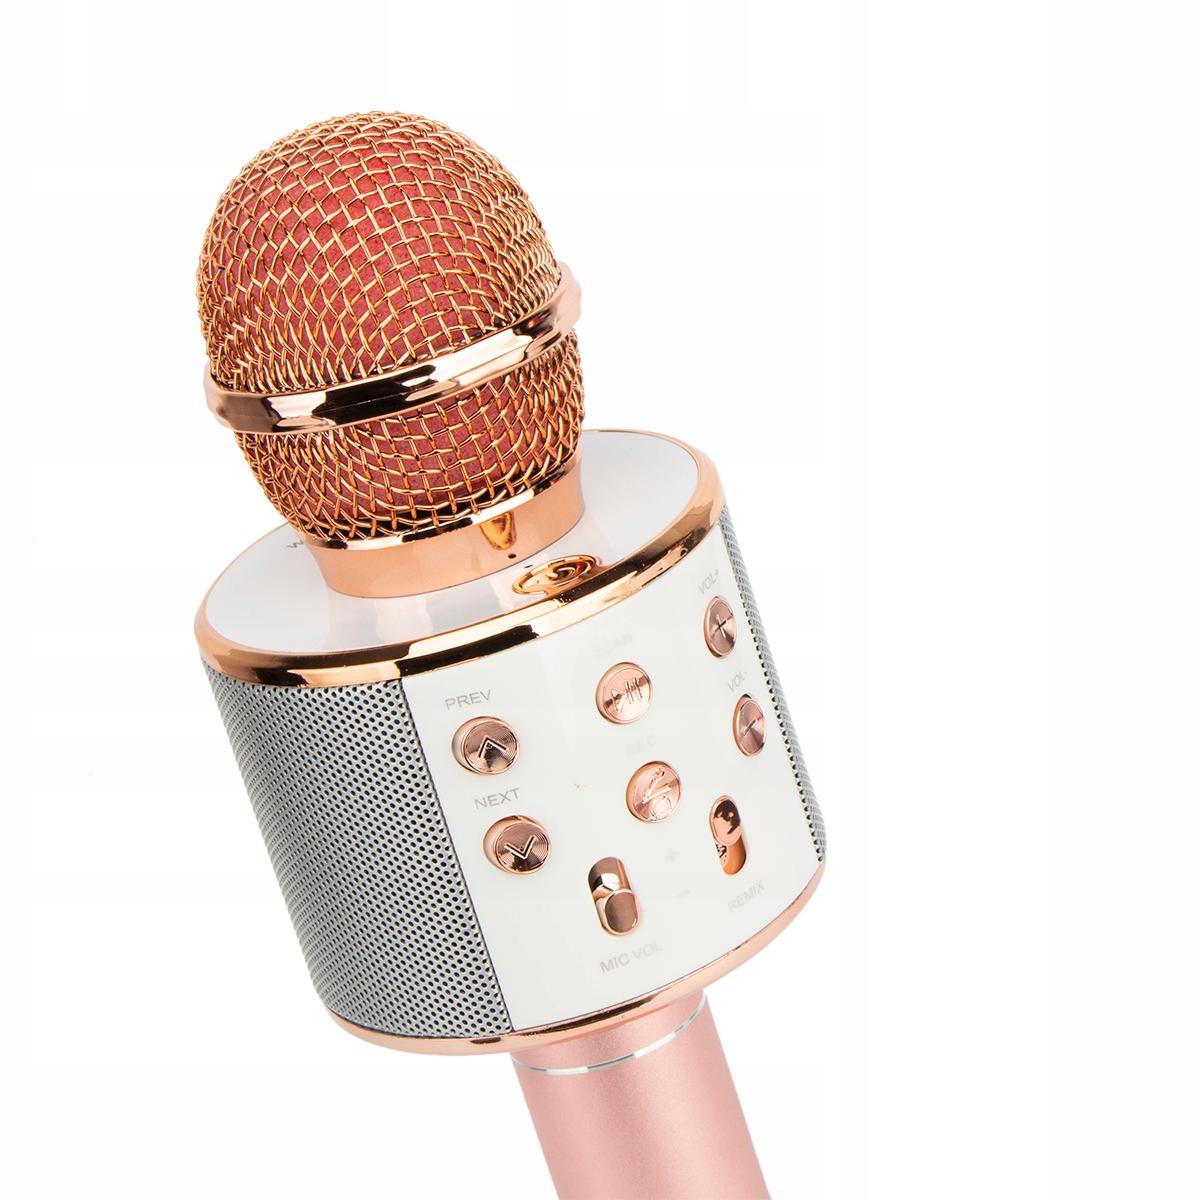 Mikrofon Karaoke Bezprzewodowy Roneberg 7892871776 Sklep Internetowy Agd Rtv Telefony Laptopy Allegro Pl